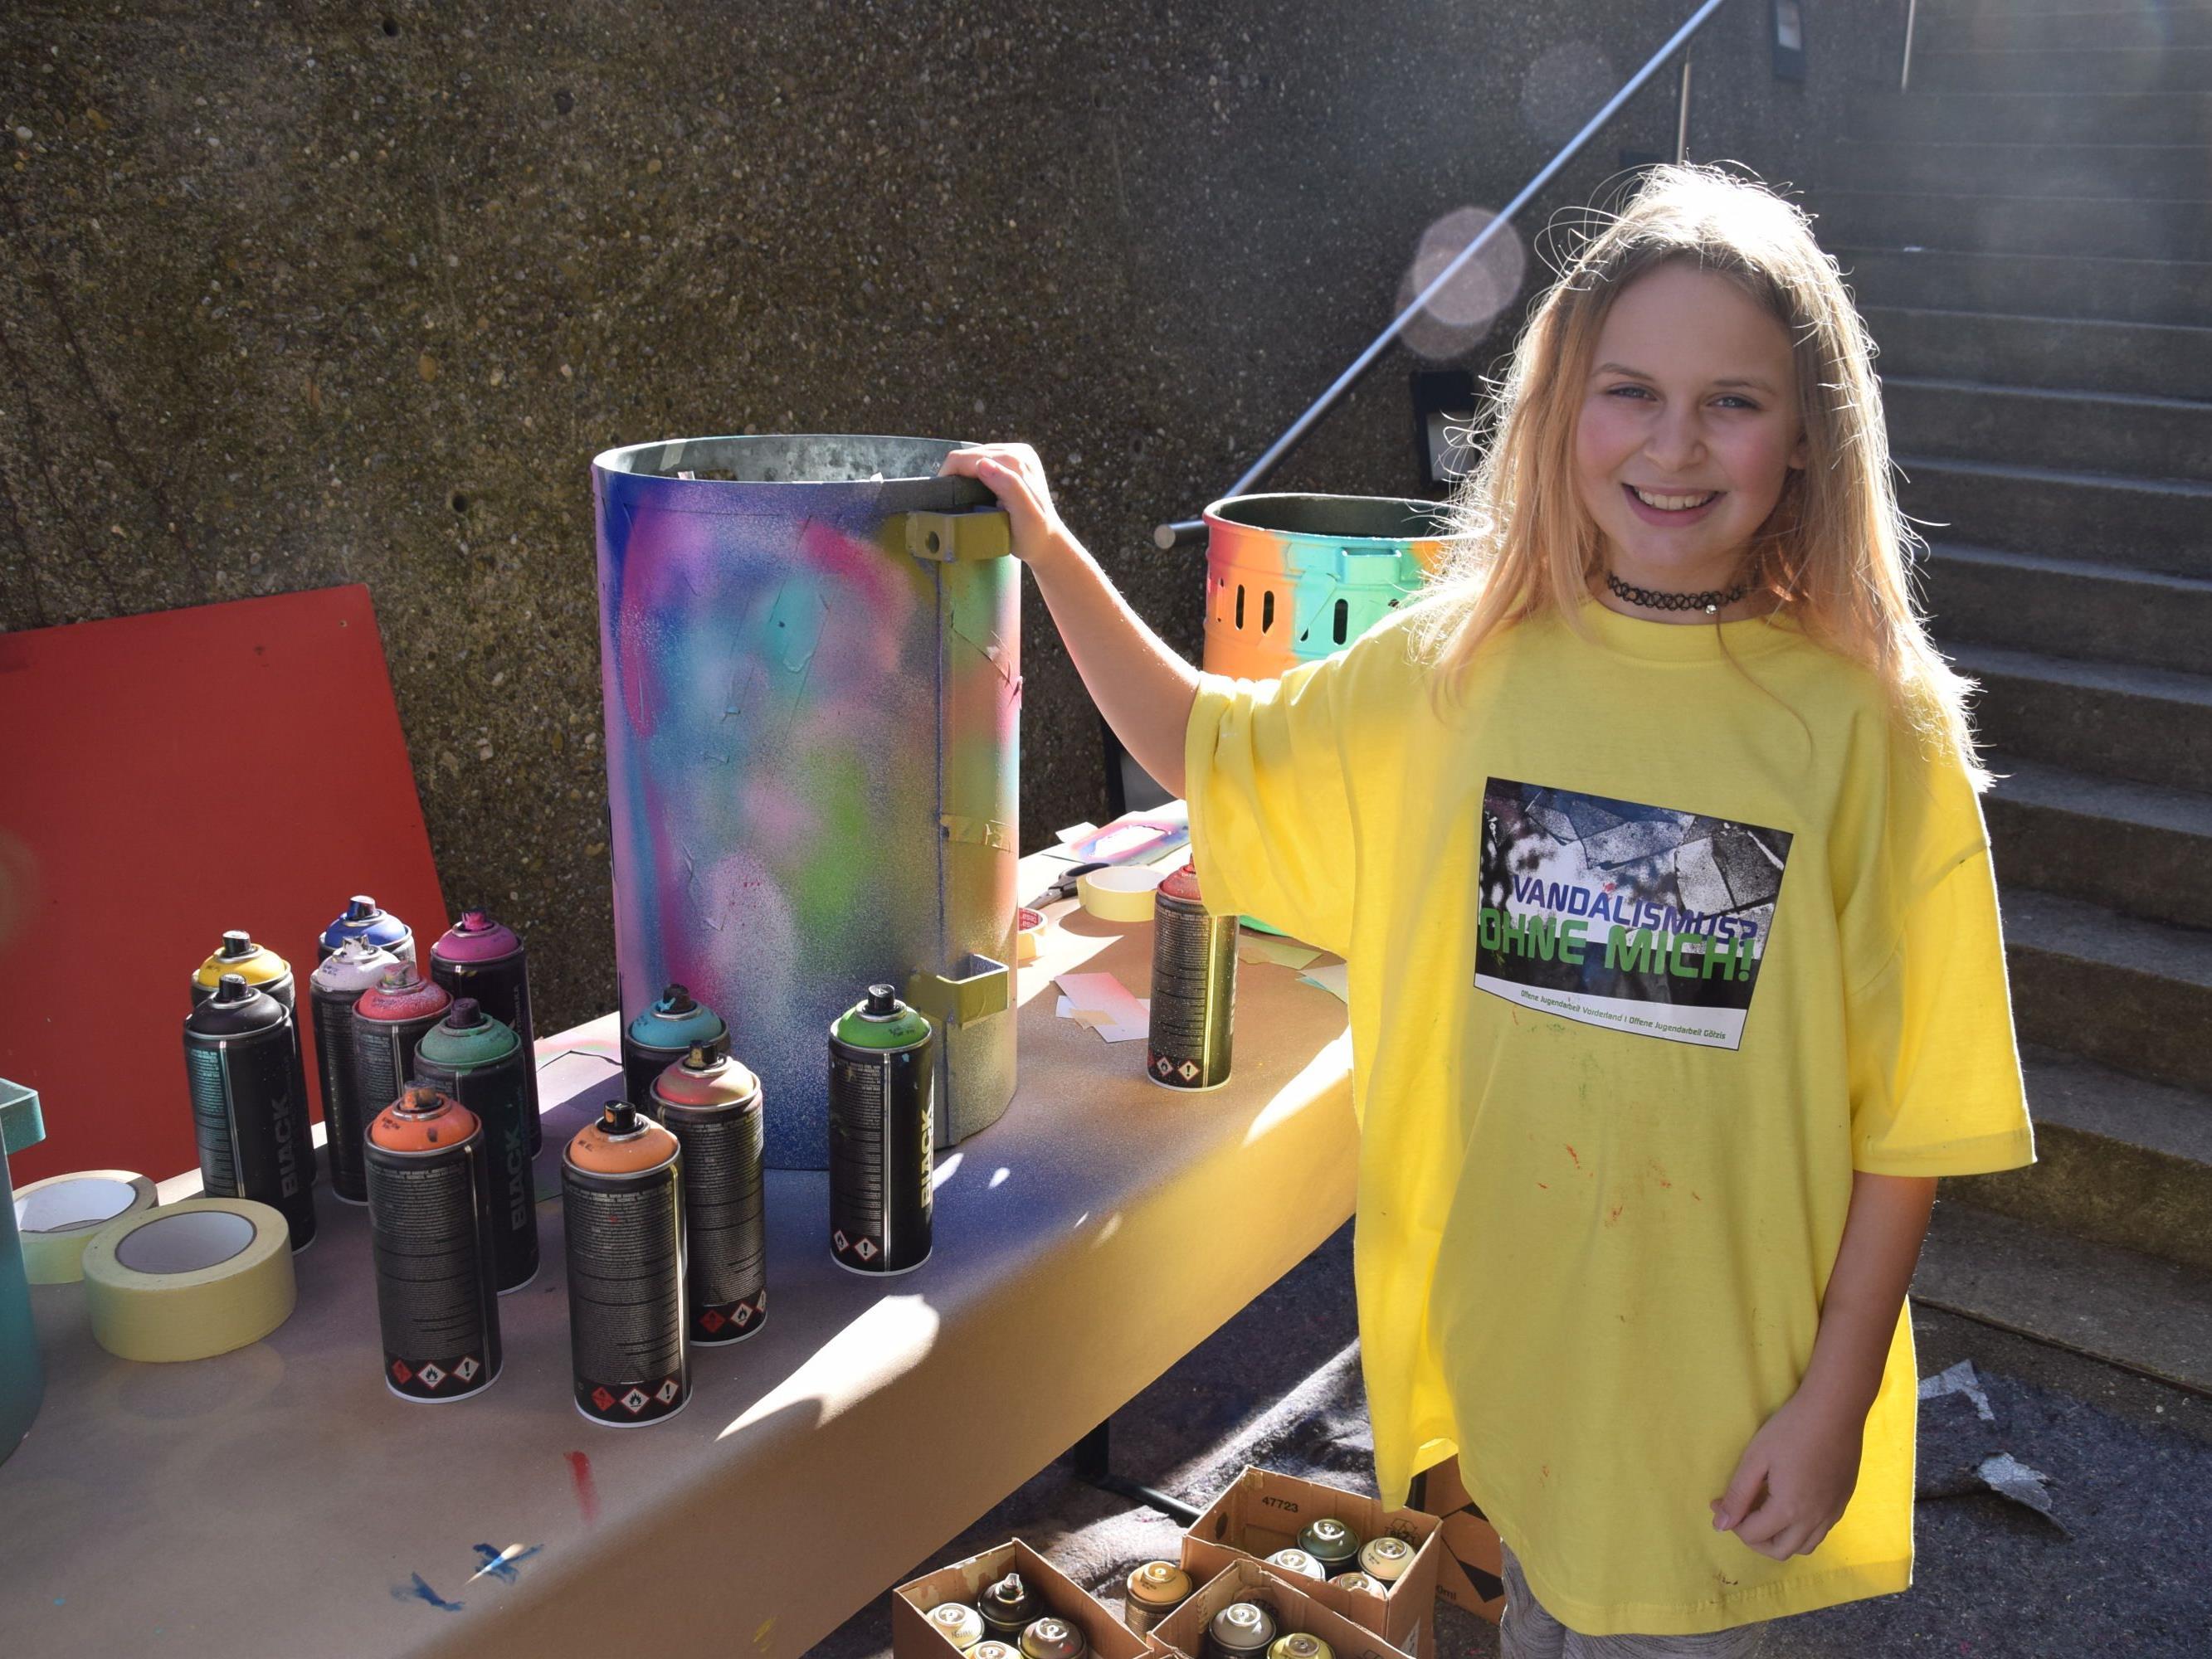 Anna-Lena gestaltete die Mülleimer für die Gemeinde mit bunten Farben